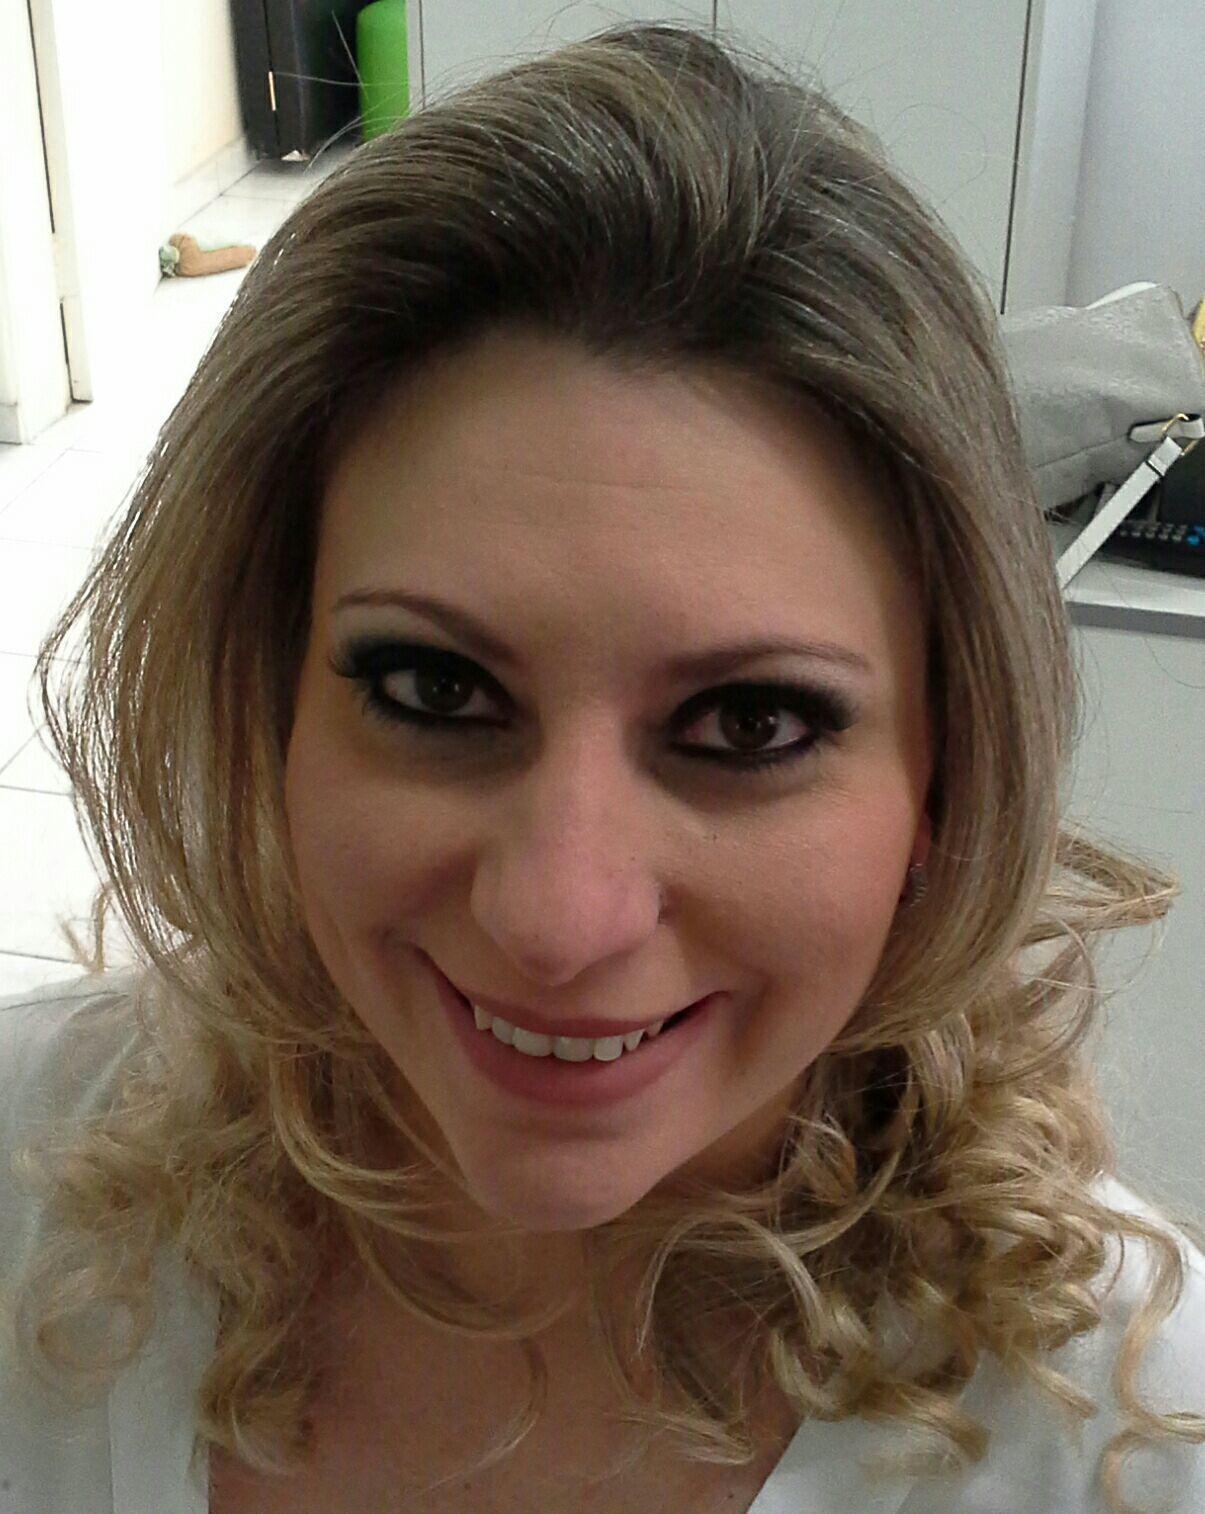 Cabelo e  maquiagem de festa  Profissional, Veravisagista maquiagem stylist / visagista cabeleireiro(a)